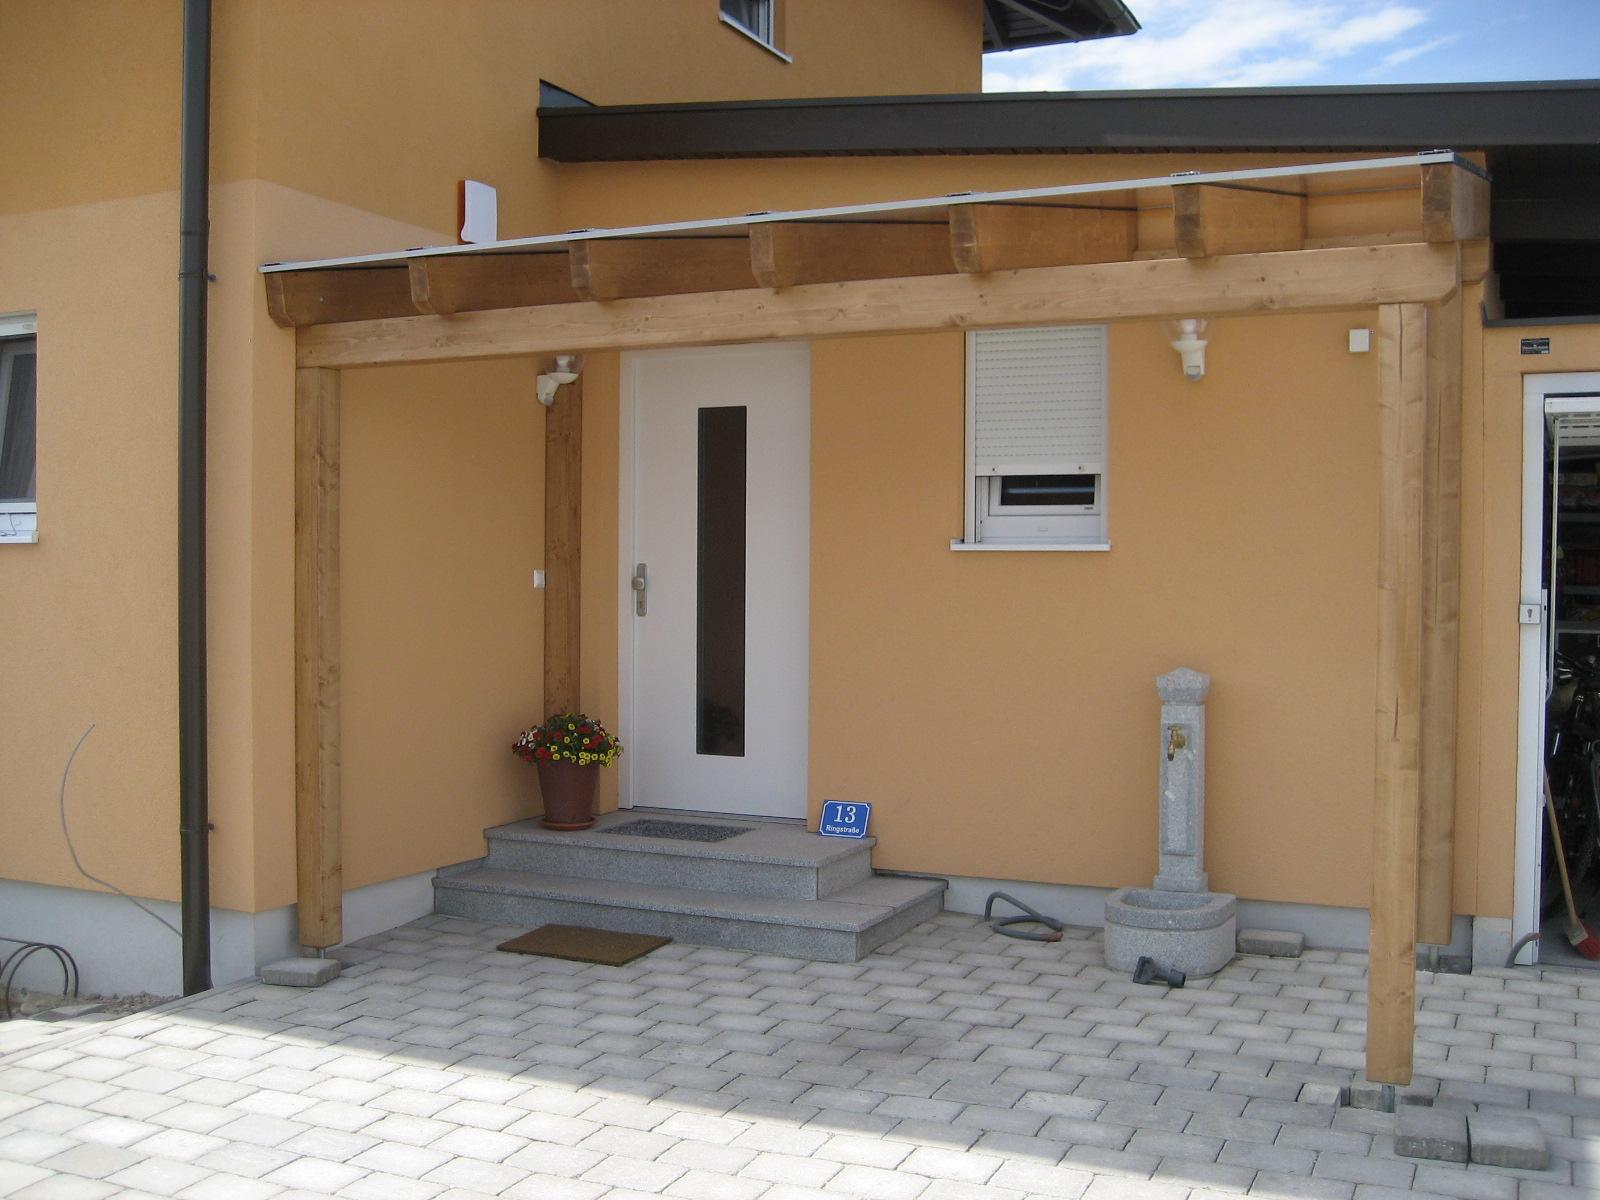 Eingangsüberdachung/Vordach mit Thermoclear- Stegplatten